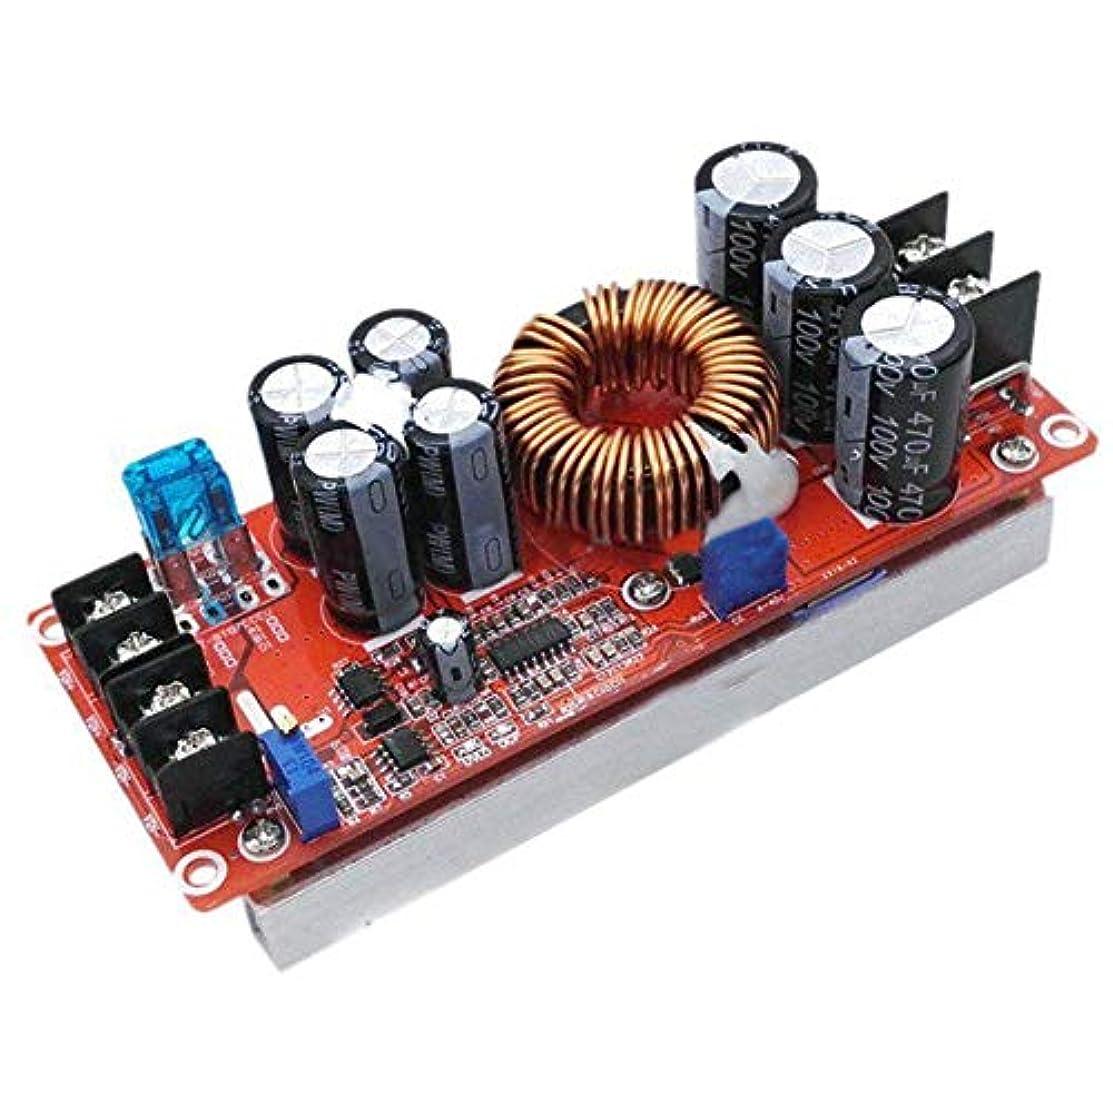 落ち着いて哀れなチャーターACHICOO 1200W 20A DCコンバータブースト 車昇圧電源 モジュール 8-60Vから12-83V